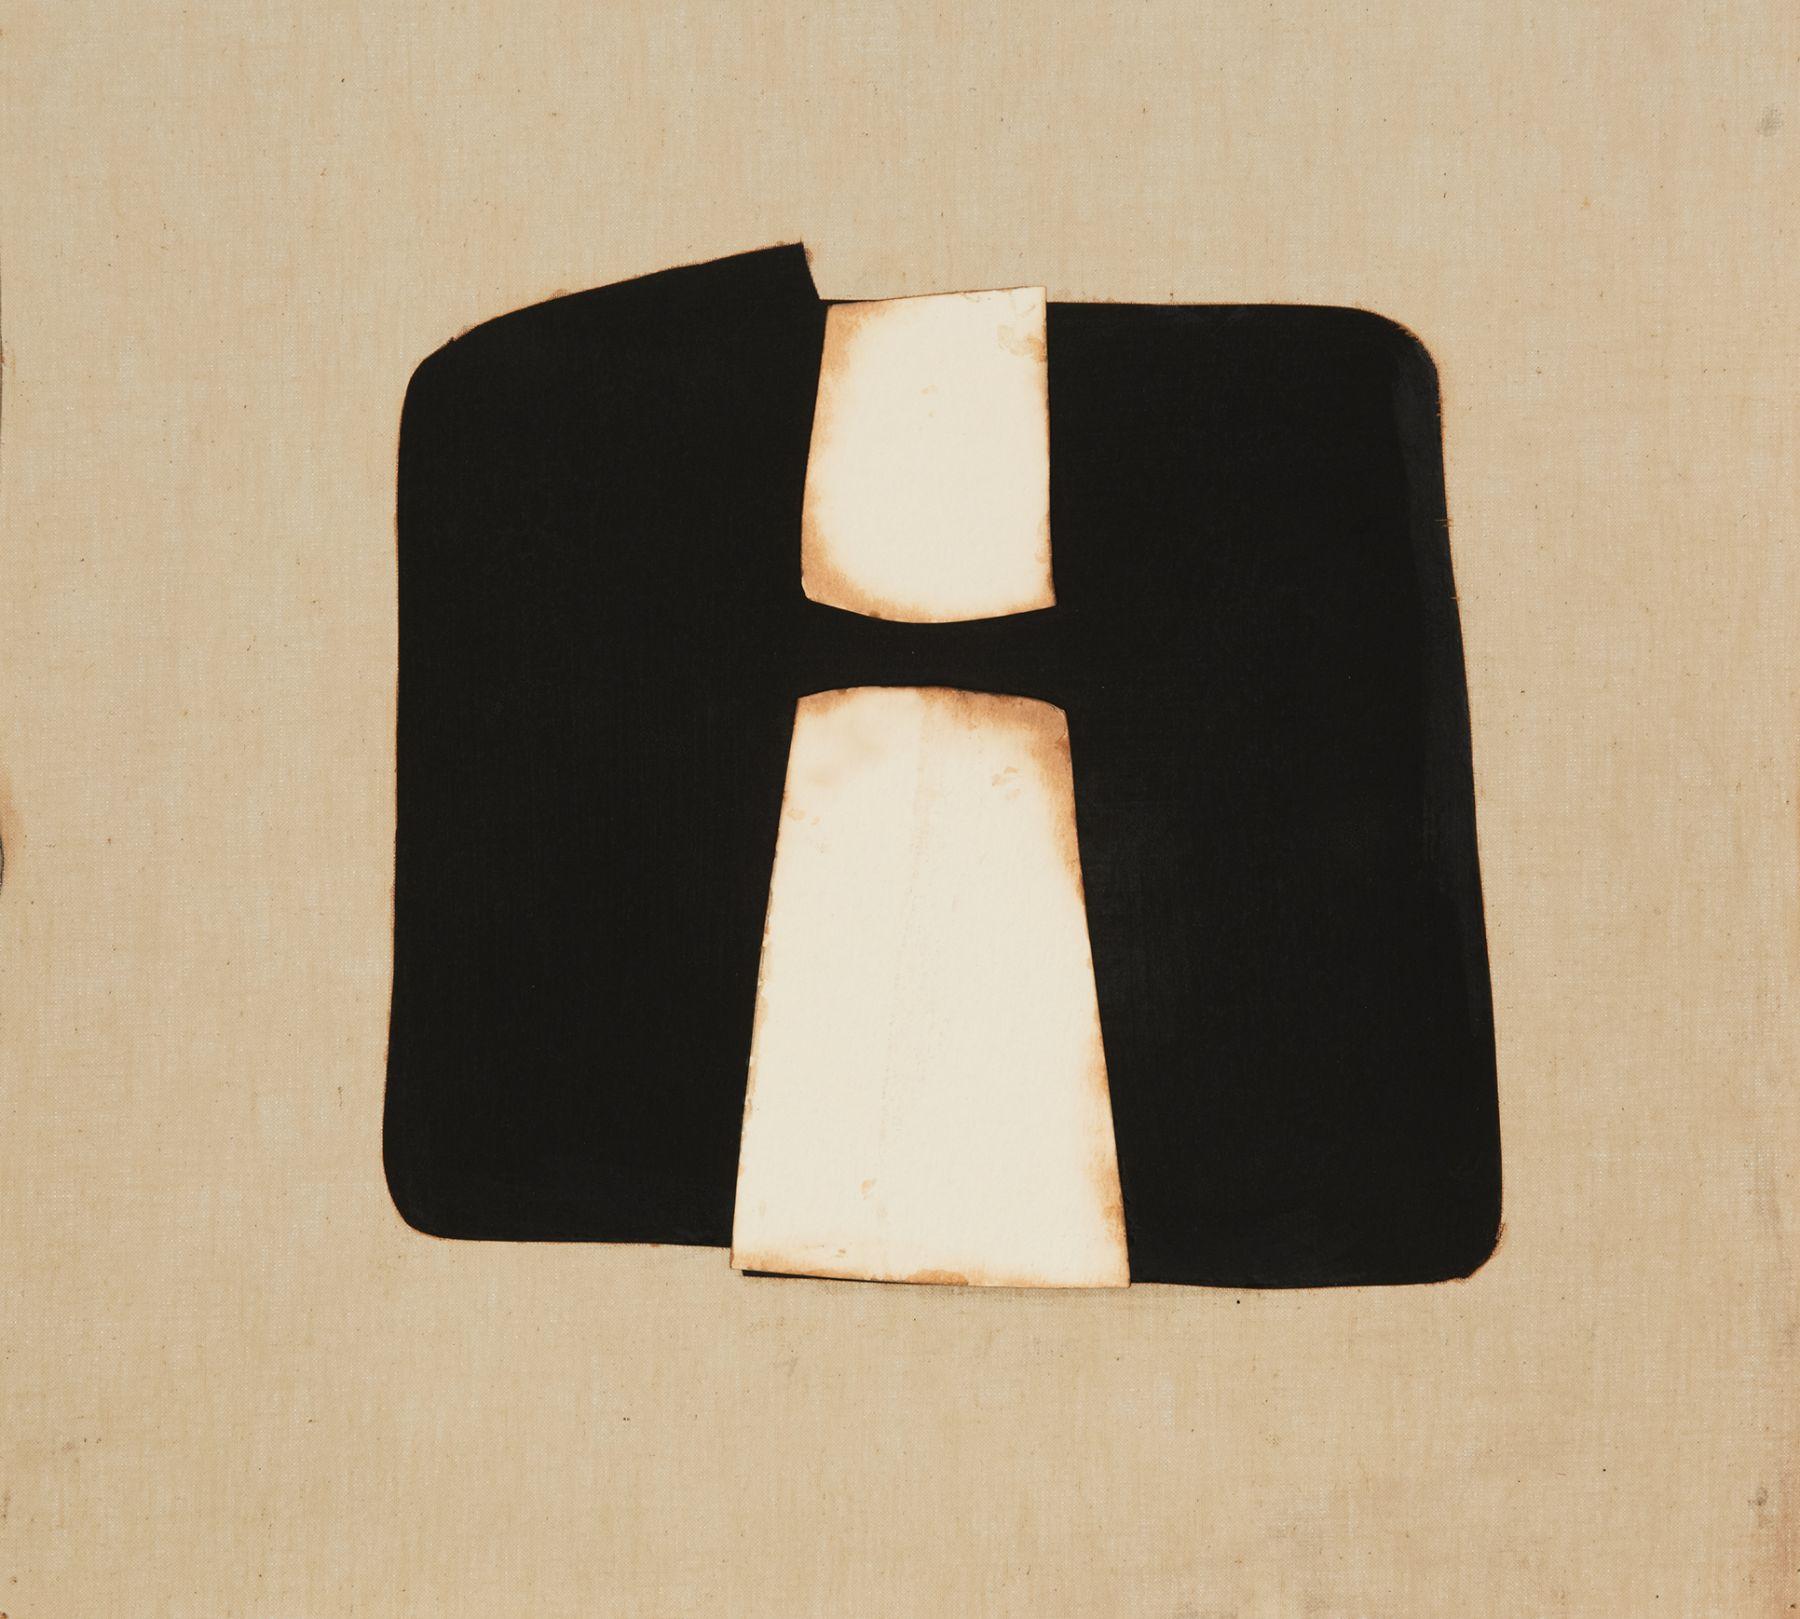 Conrad Marca-Relli (1913-2000) Untitled, circa late 1970s